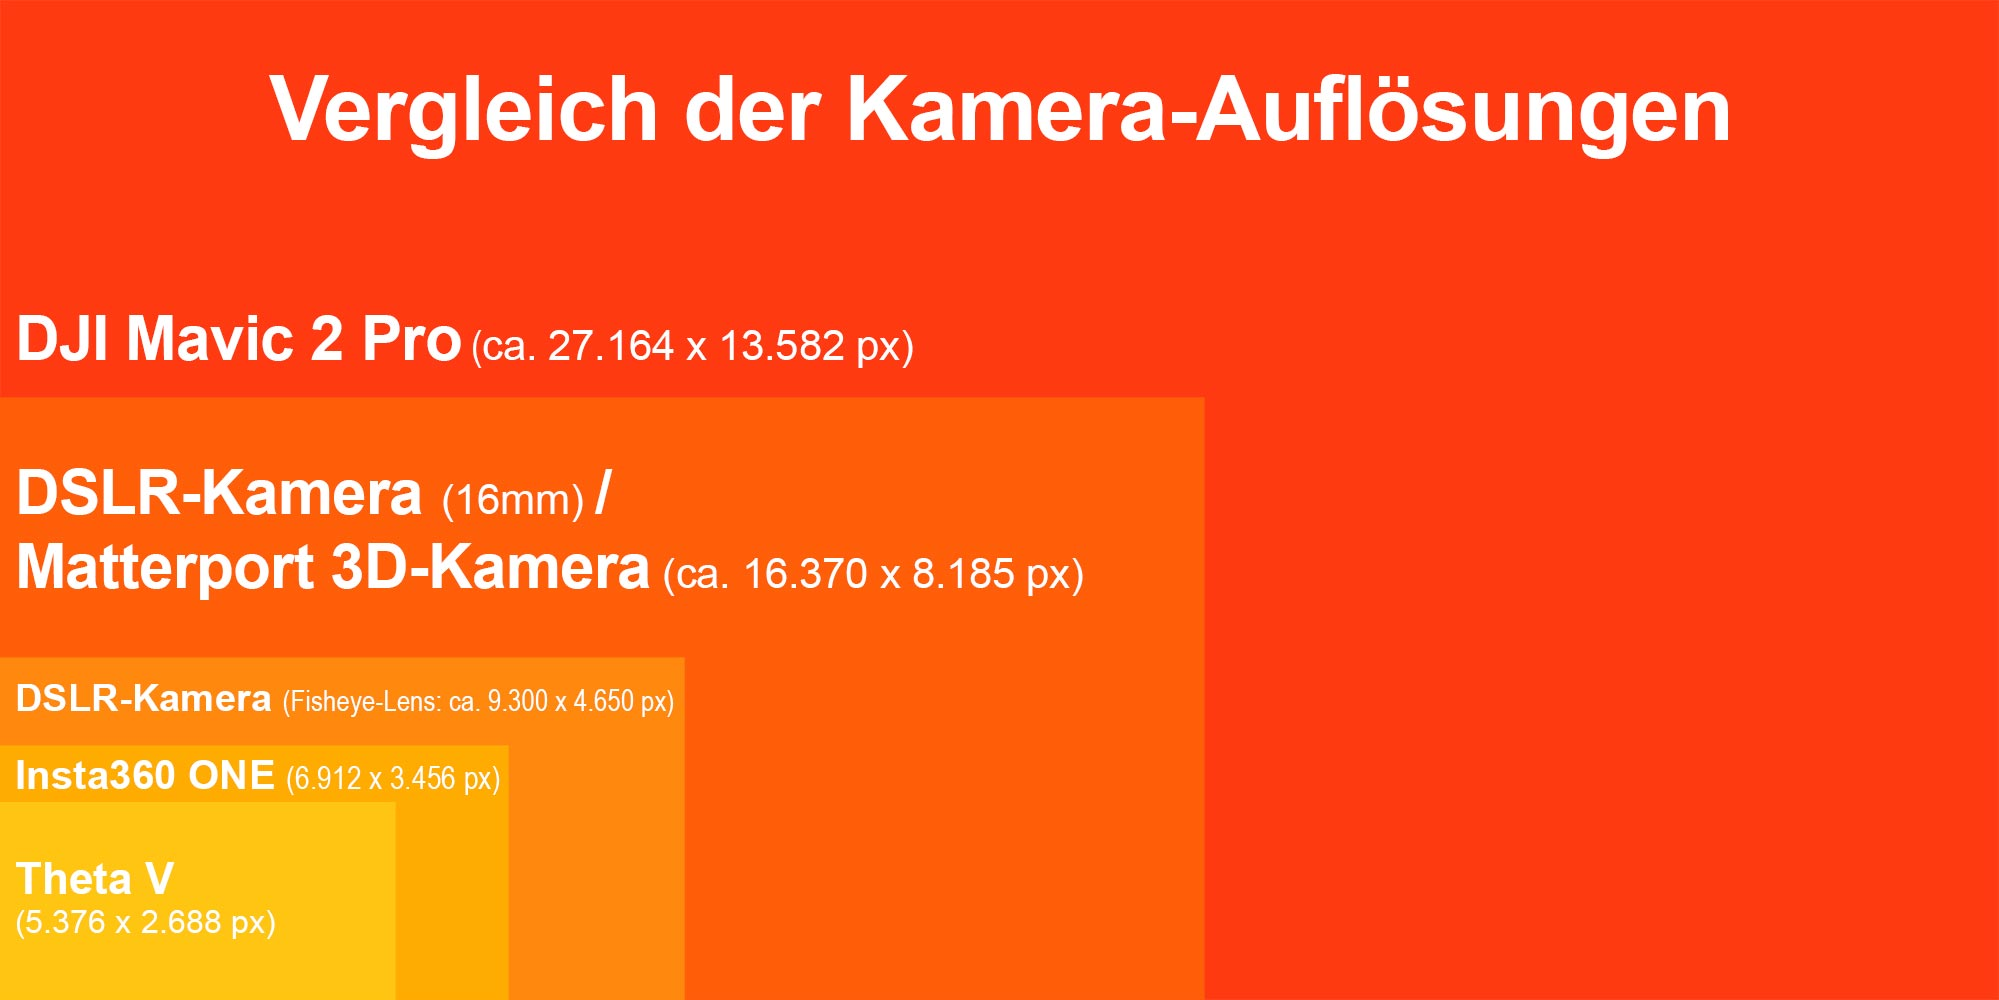 Vergleich der Kamera-Auflösungen